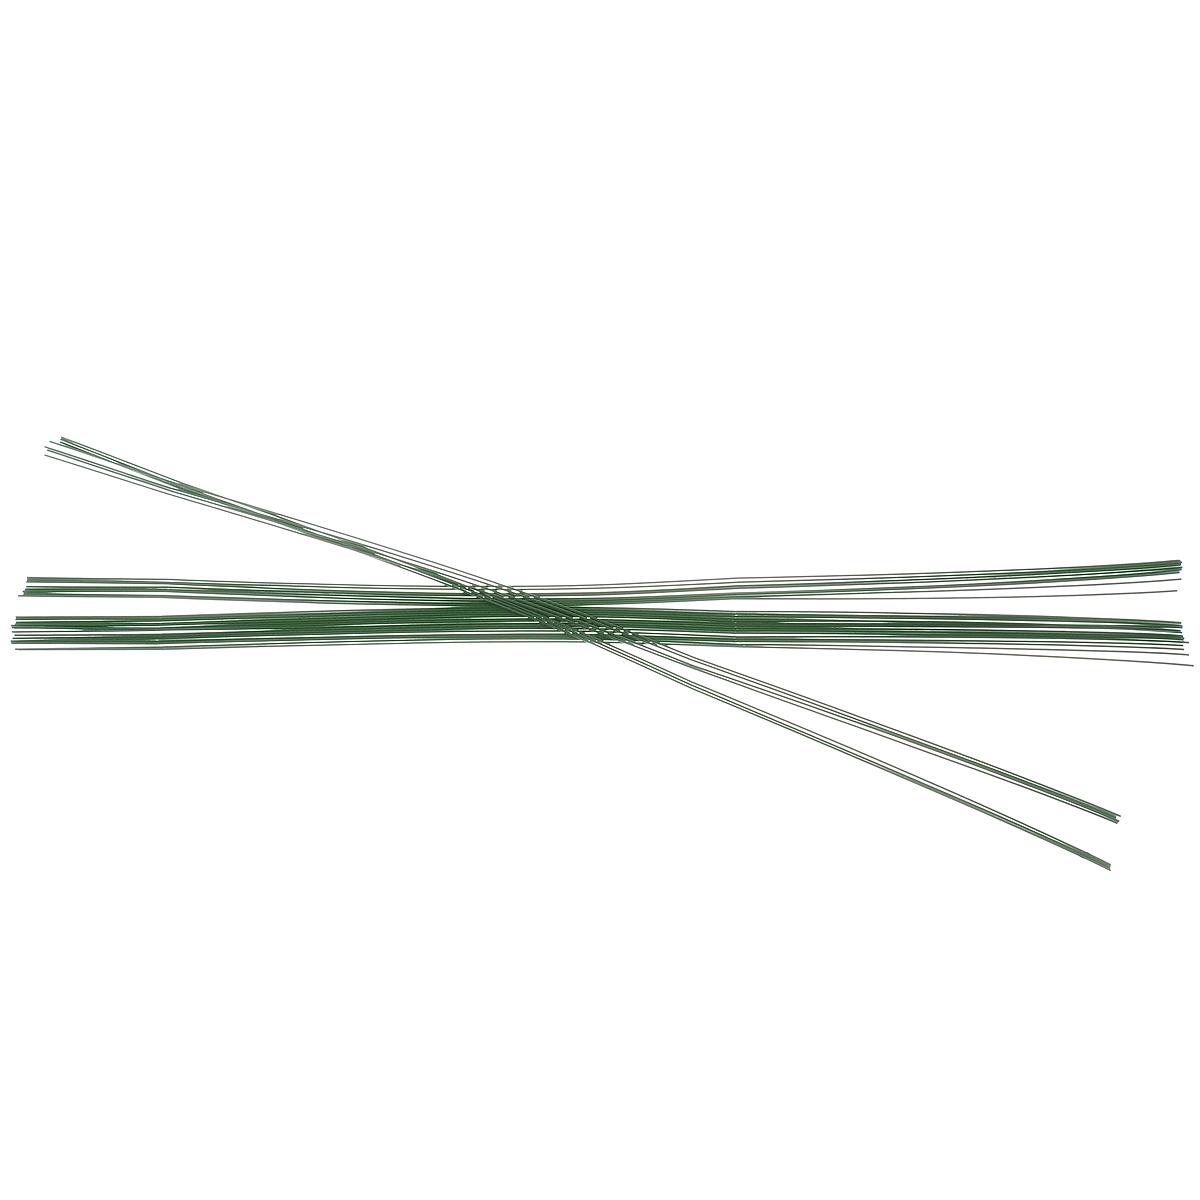 Проволока для флористики Hobby Time, цвет: зеленый, диаметр 0,8 мм, длина 40 см, 35 шт7705241Проволока для флористики Hobby Time выполнена из высококачественного металла и используется в качестве поддерживающего материала и для изготовления аксессуаров, декораций в цветочной композиции. Флористическая проволока один из самых востребованных и необходимых материалов для создания композиций из растений. Она станет незаменимым аксессуаром для каждого фитодизайнера для реализации своих идей!